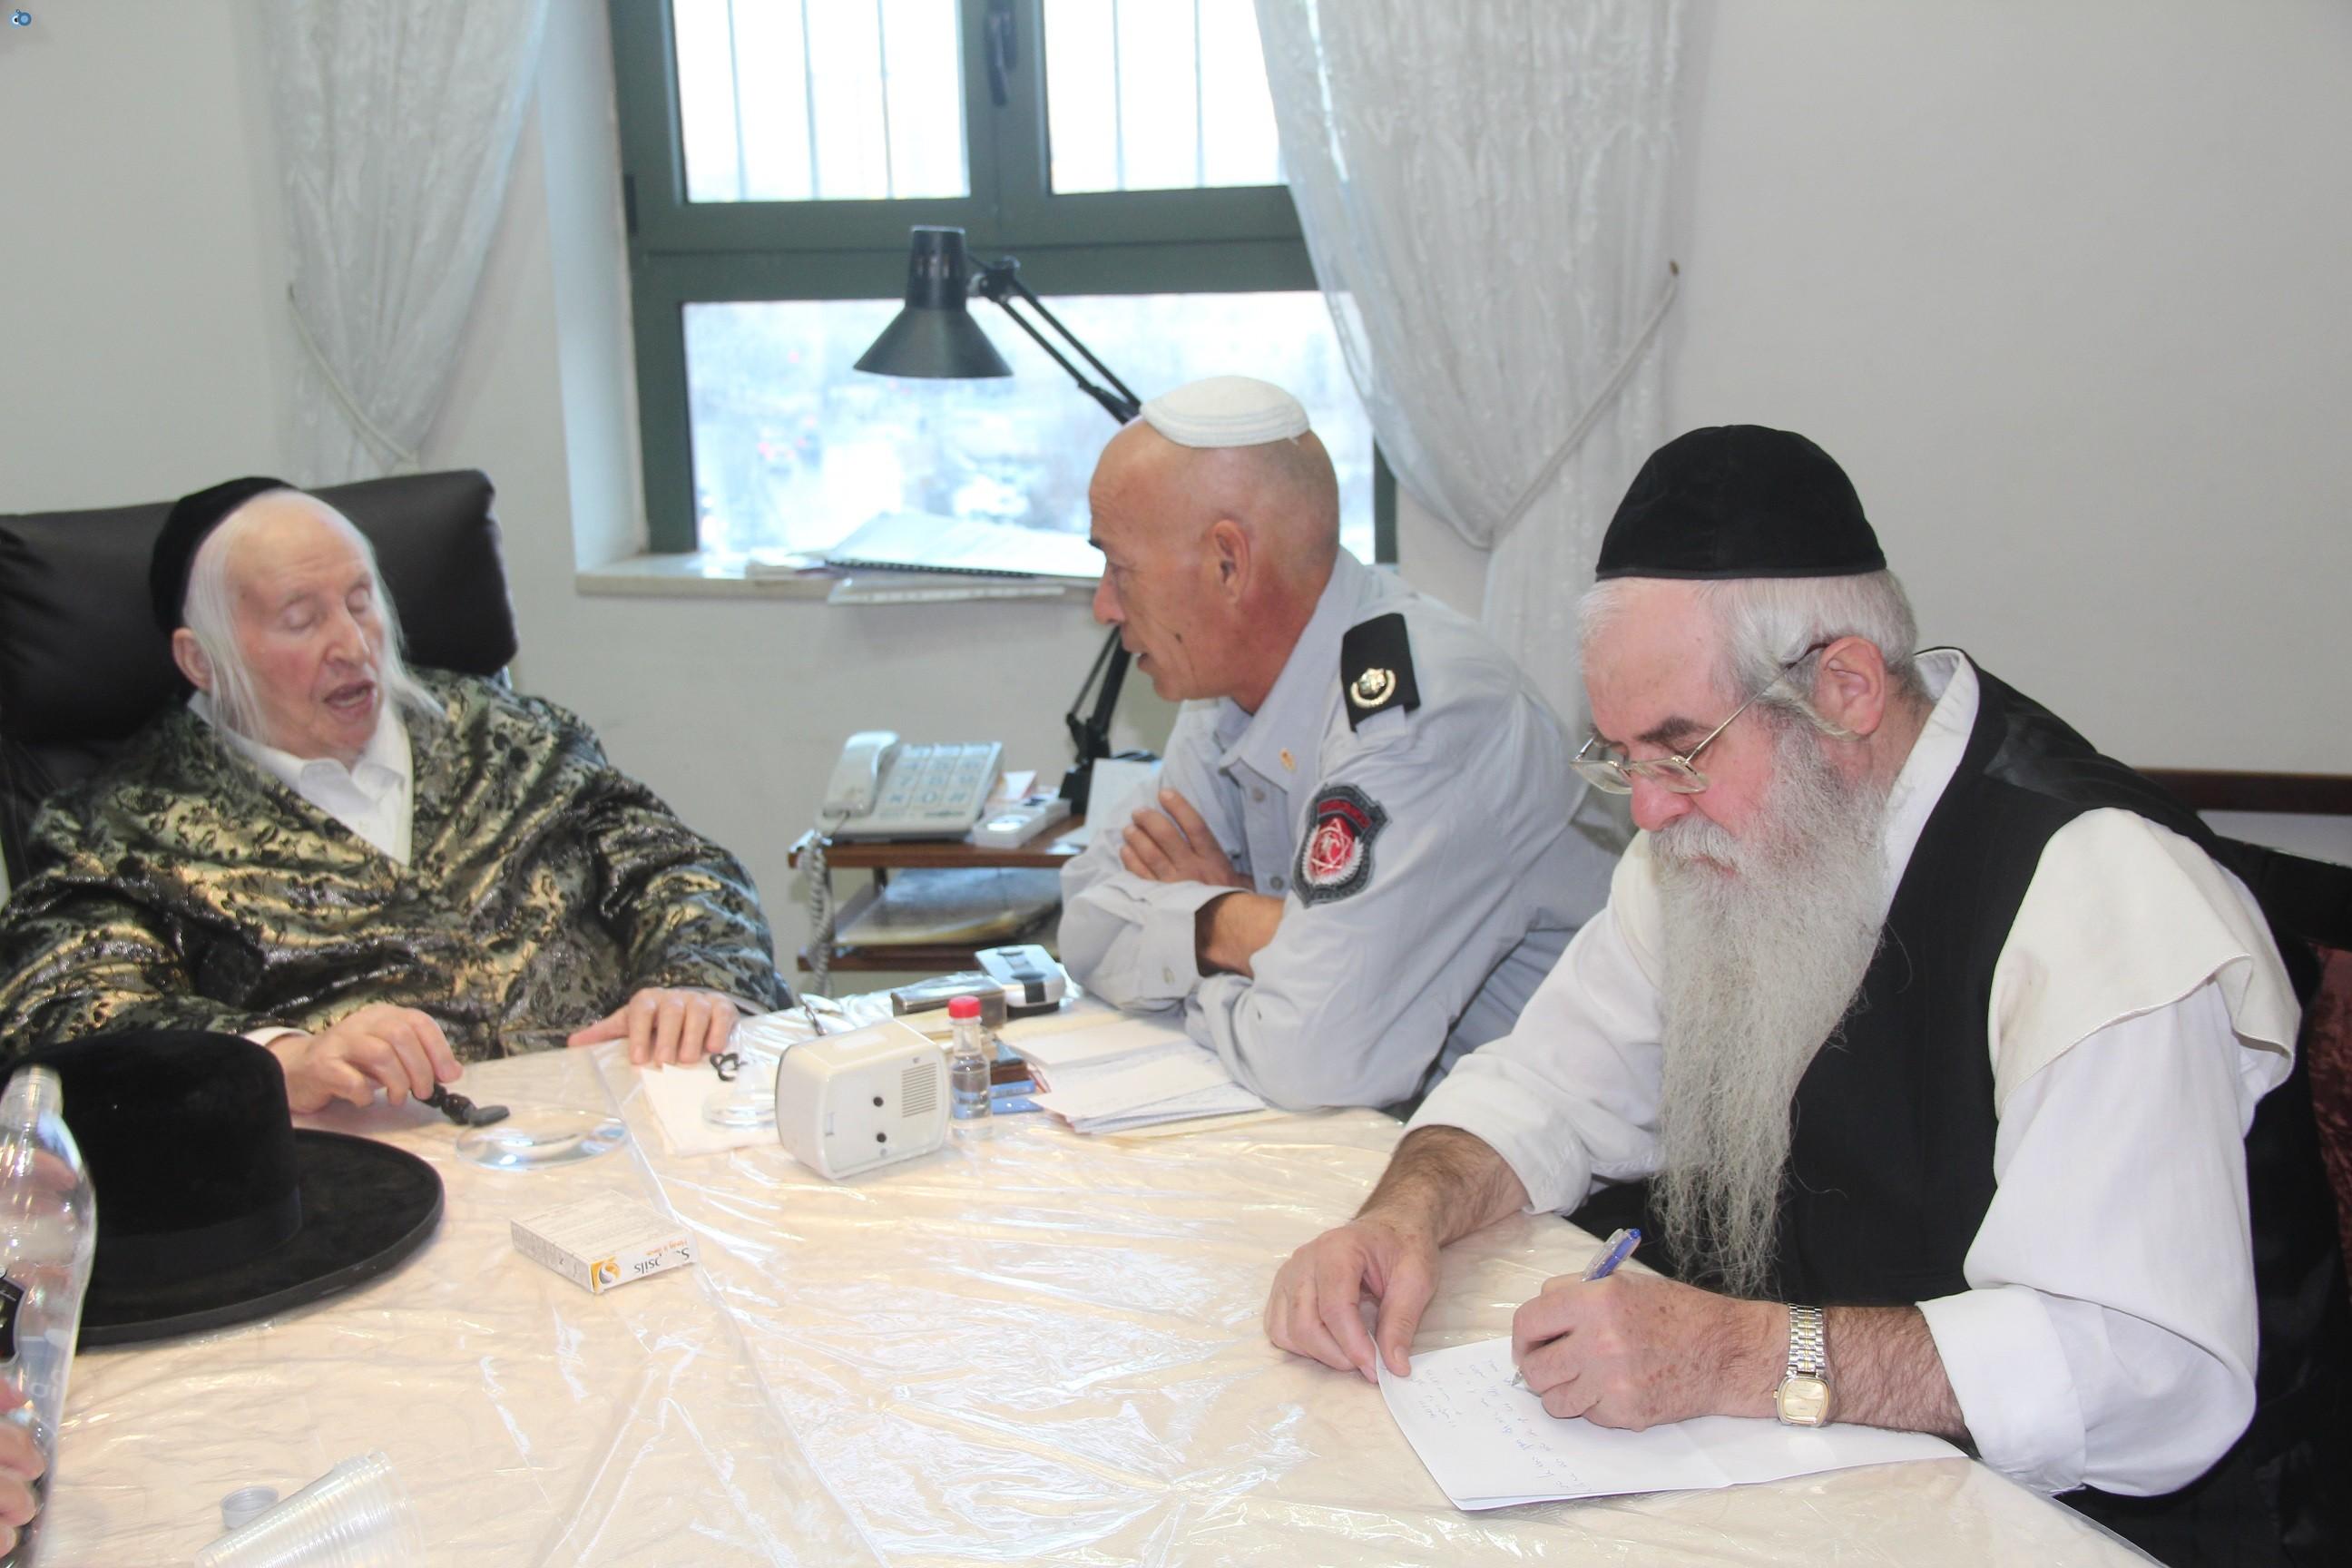 אלי בסון, שוכי בנדיקט ראשי מכבי  האש בירושלים (5)